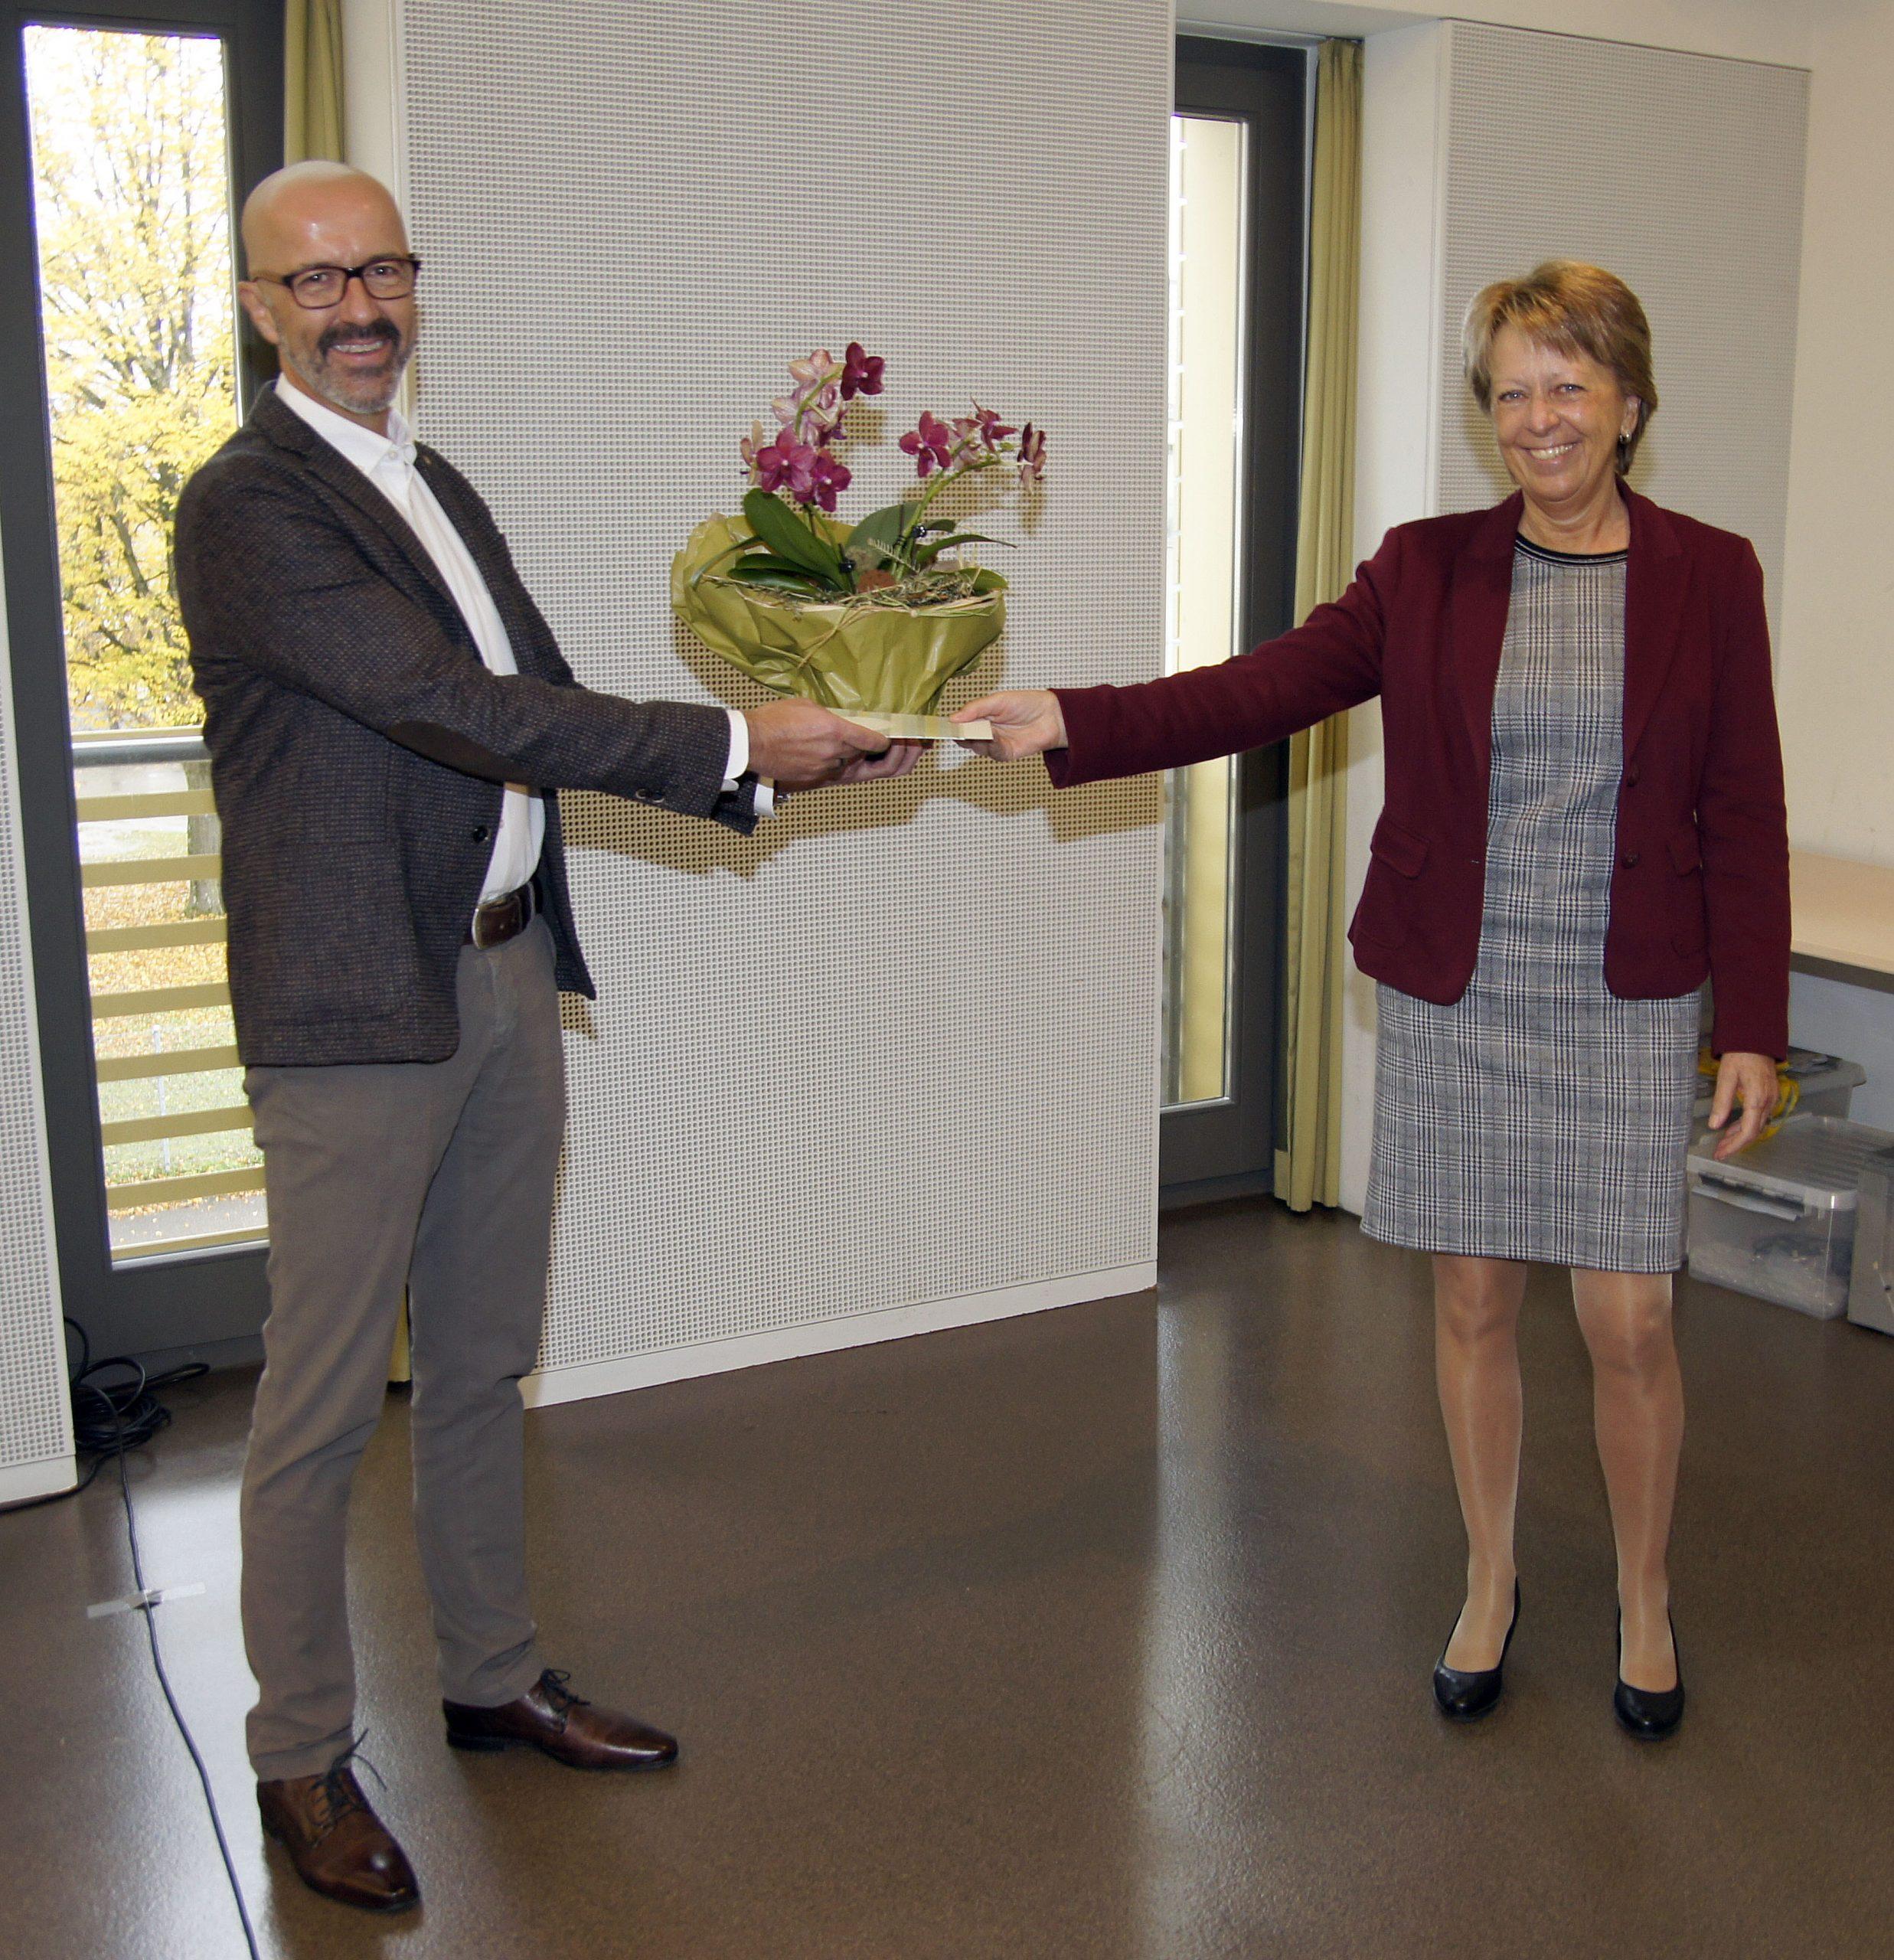 Vizepräsidentin Marlis Dürst verdankt André Ingold